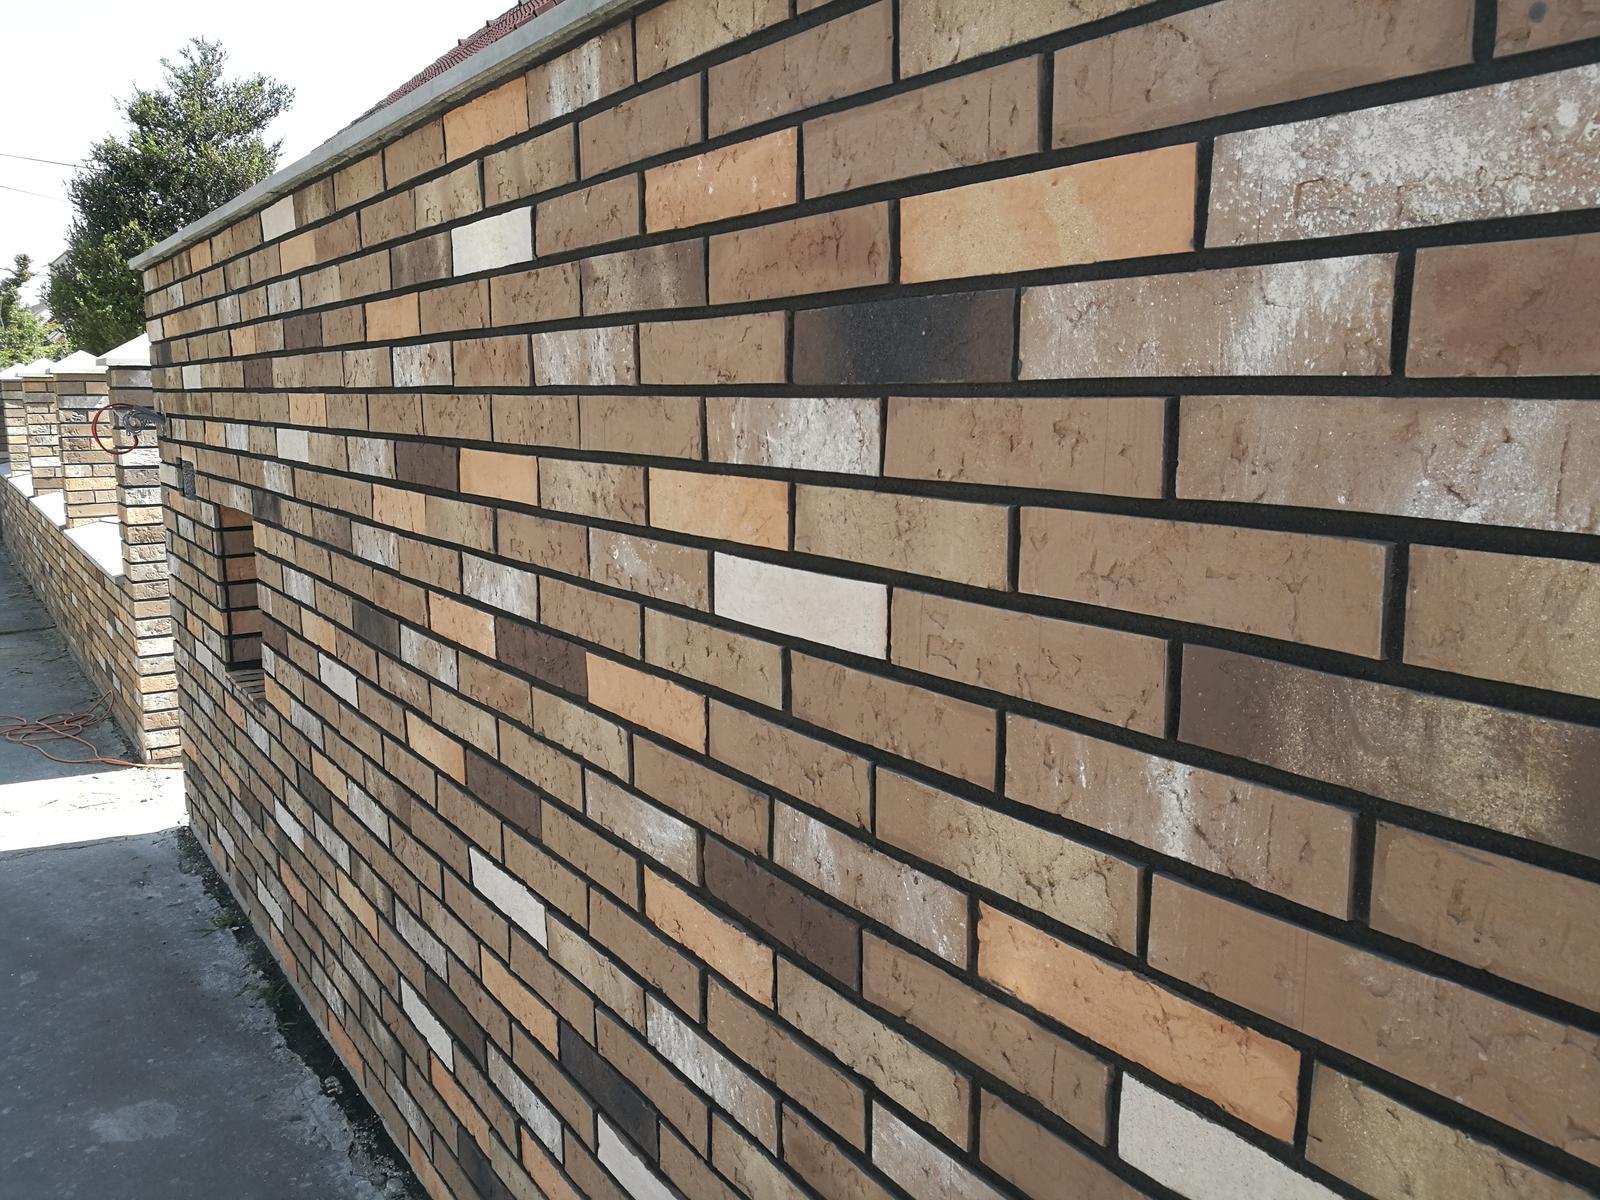 tehlové a  kamenné obklady  - REALIZACIE - zašpárovaný tehlový okblad kapučino + antracitová špárovka